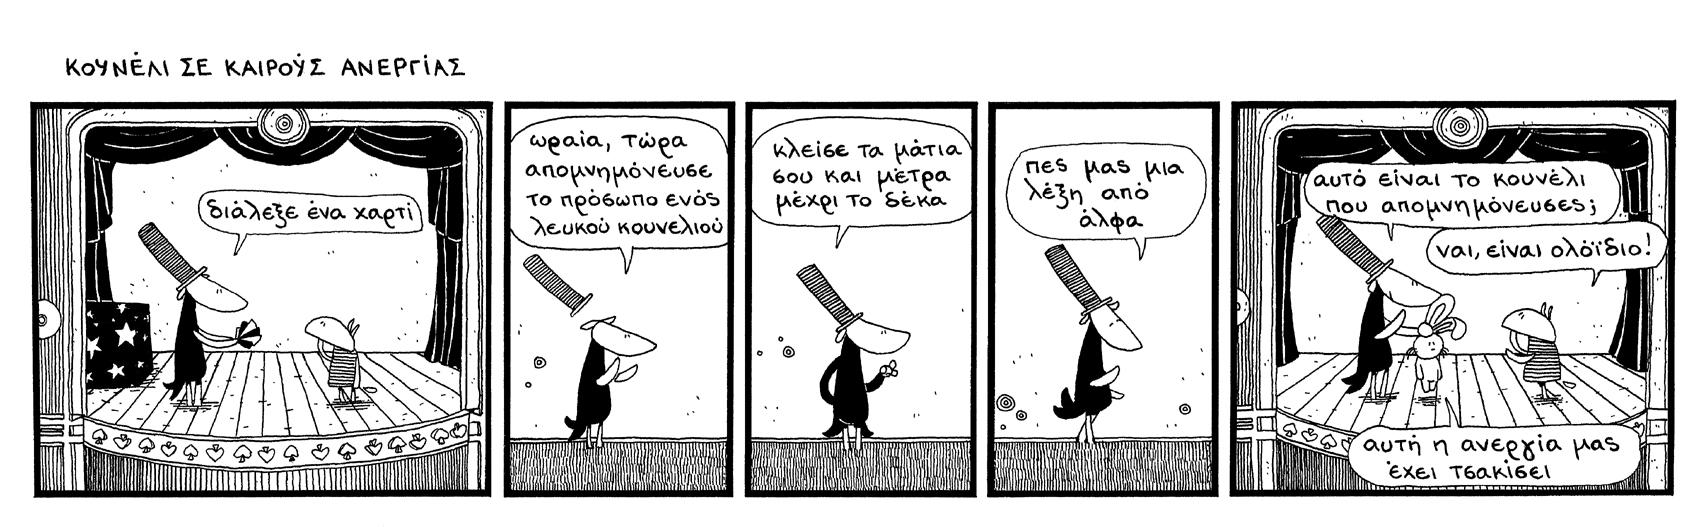 unemployed bunny_